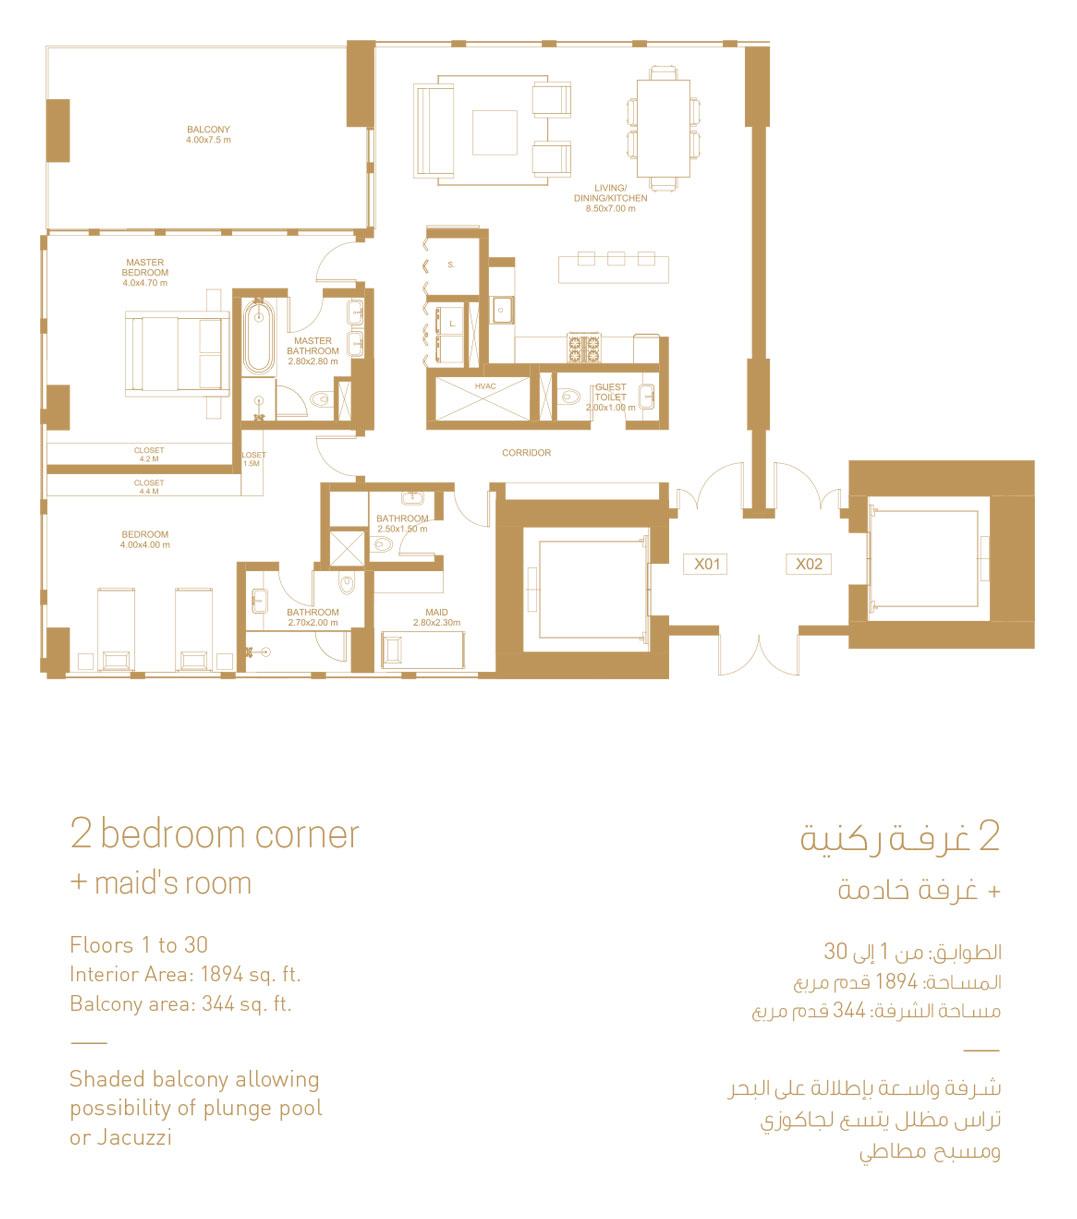 1 / JBR at Jumeirah Beach Residences